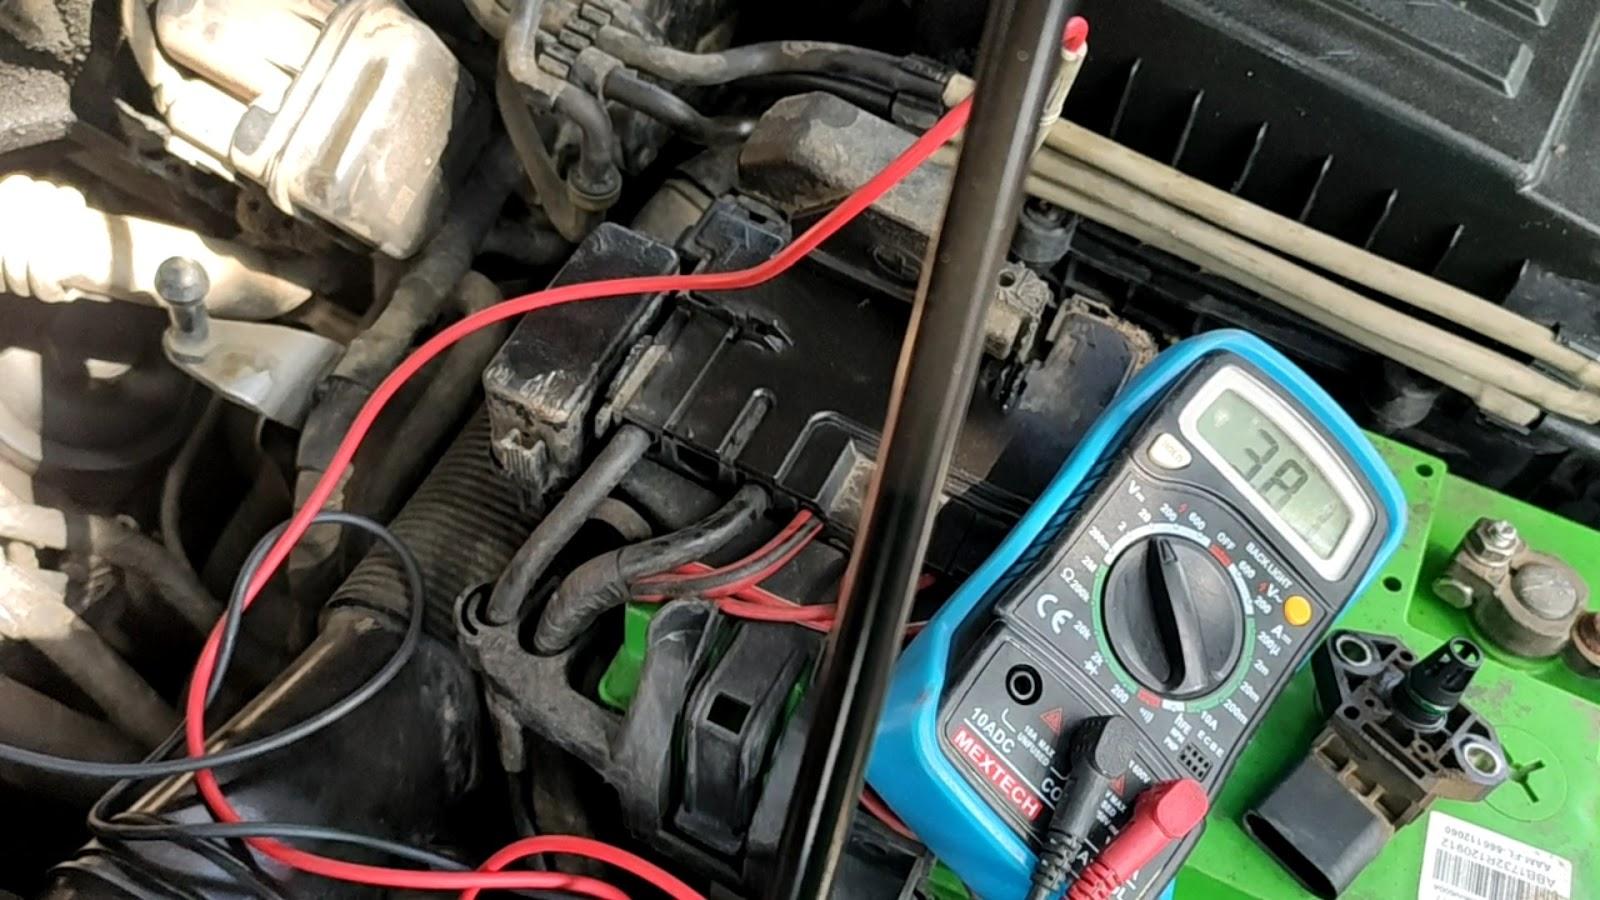 P00af00 Audi Skoda Vw Turbocharger   Supercharger Boost Control